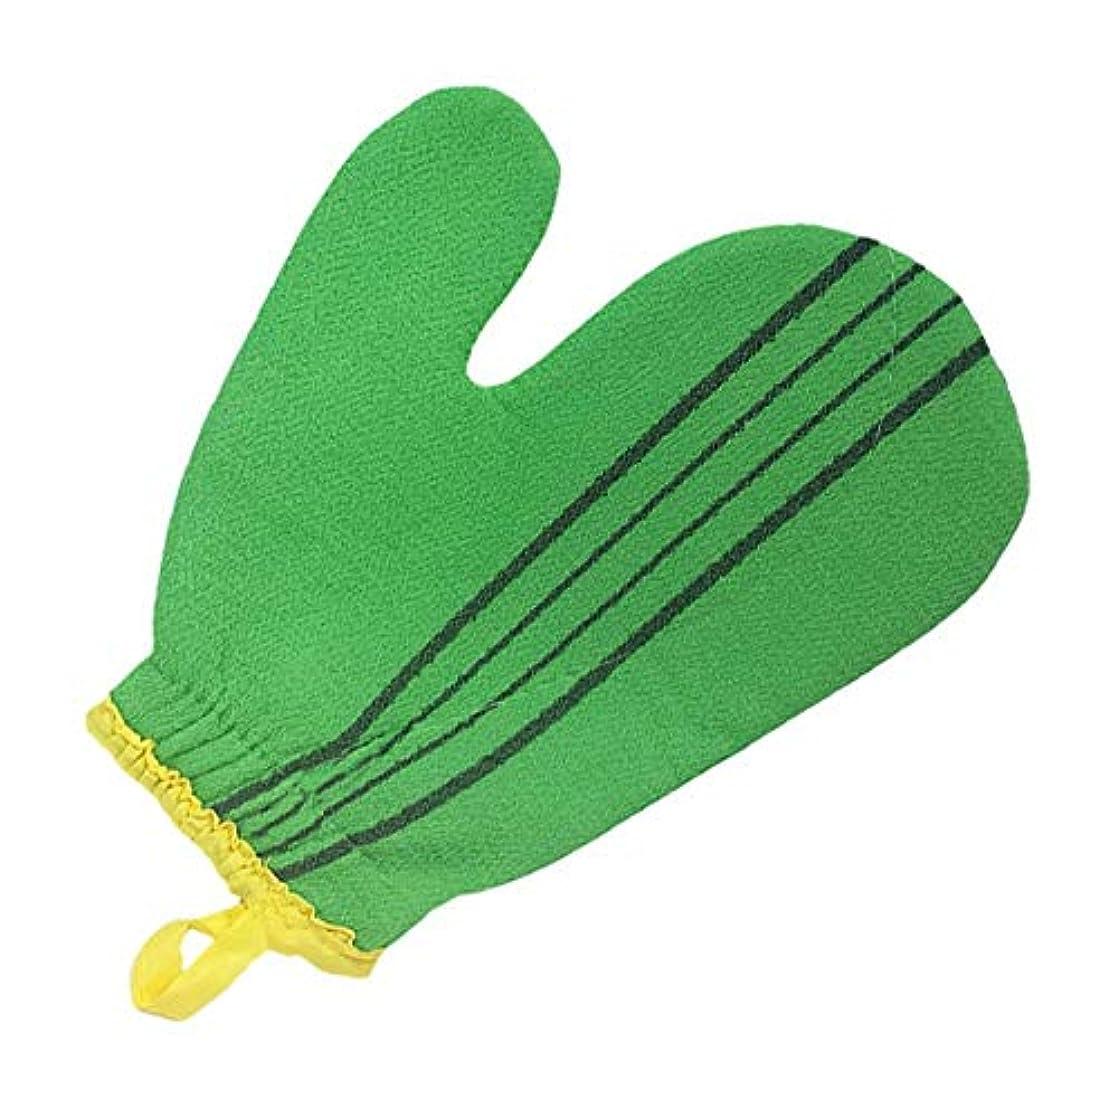 生態学精通した哀れな(韓国ブランド) 特大サイズ スポンジあかすり 手袋型 全身エステ 両面つばあかすり お風呂グッズ ボディタオル ボディースポンジ